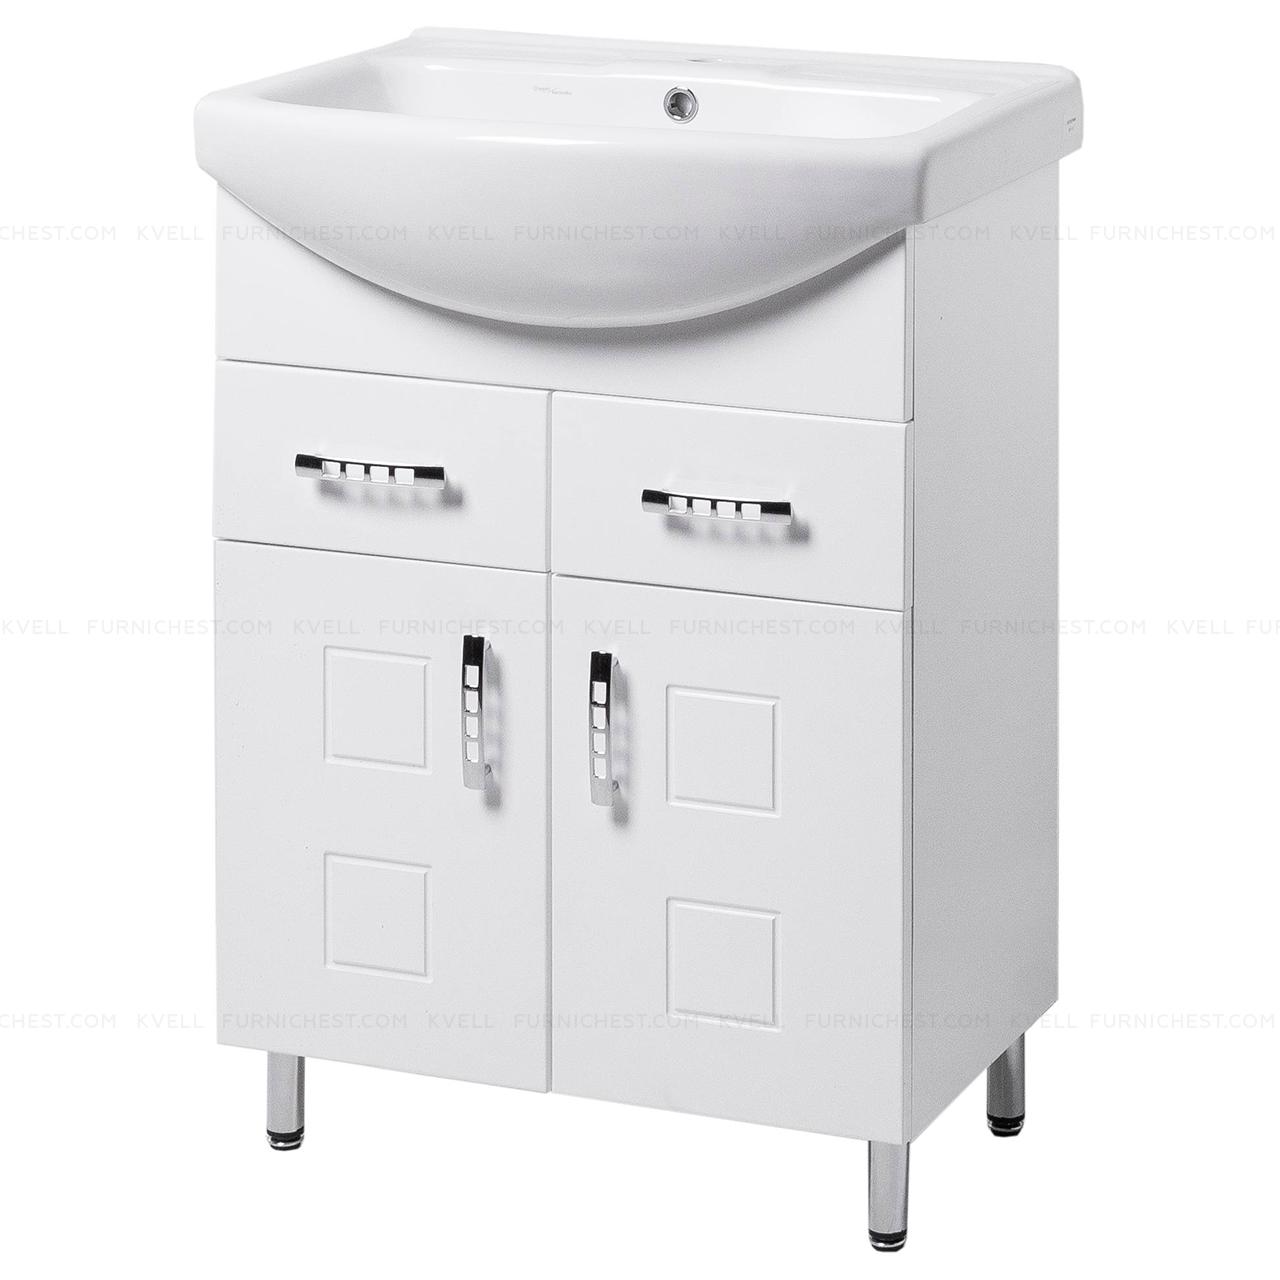 Тумба під раковину для ванної кімнати на ніжках КВАТРО Т5 (біла) з умивальником ИЗЕО 60